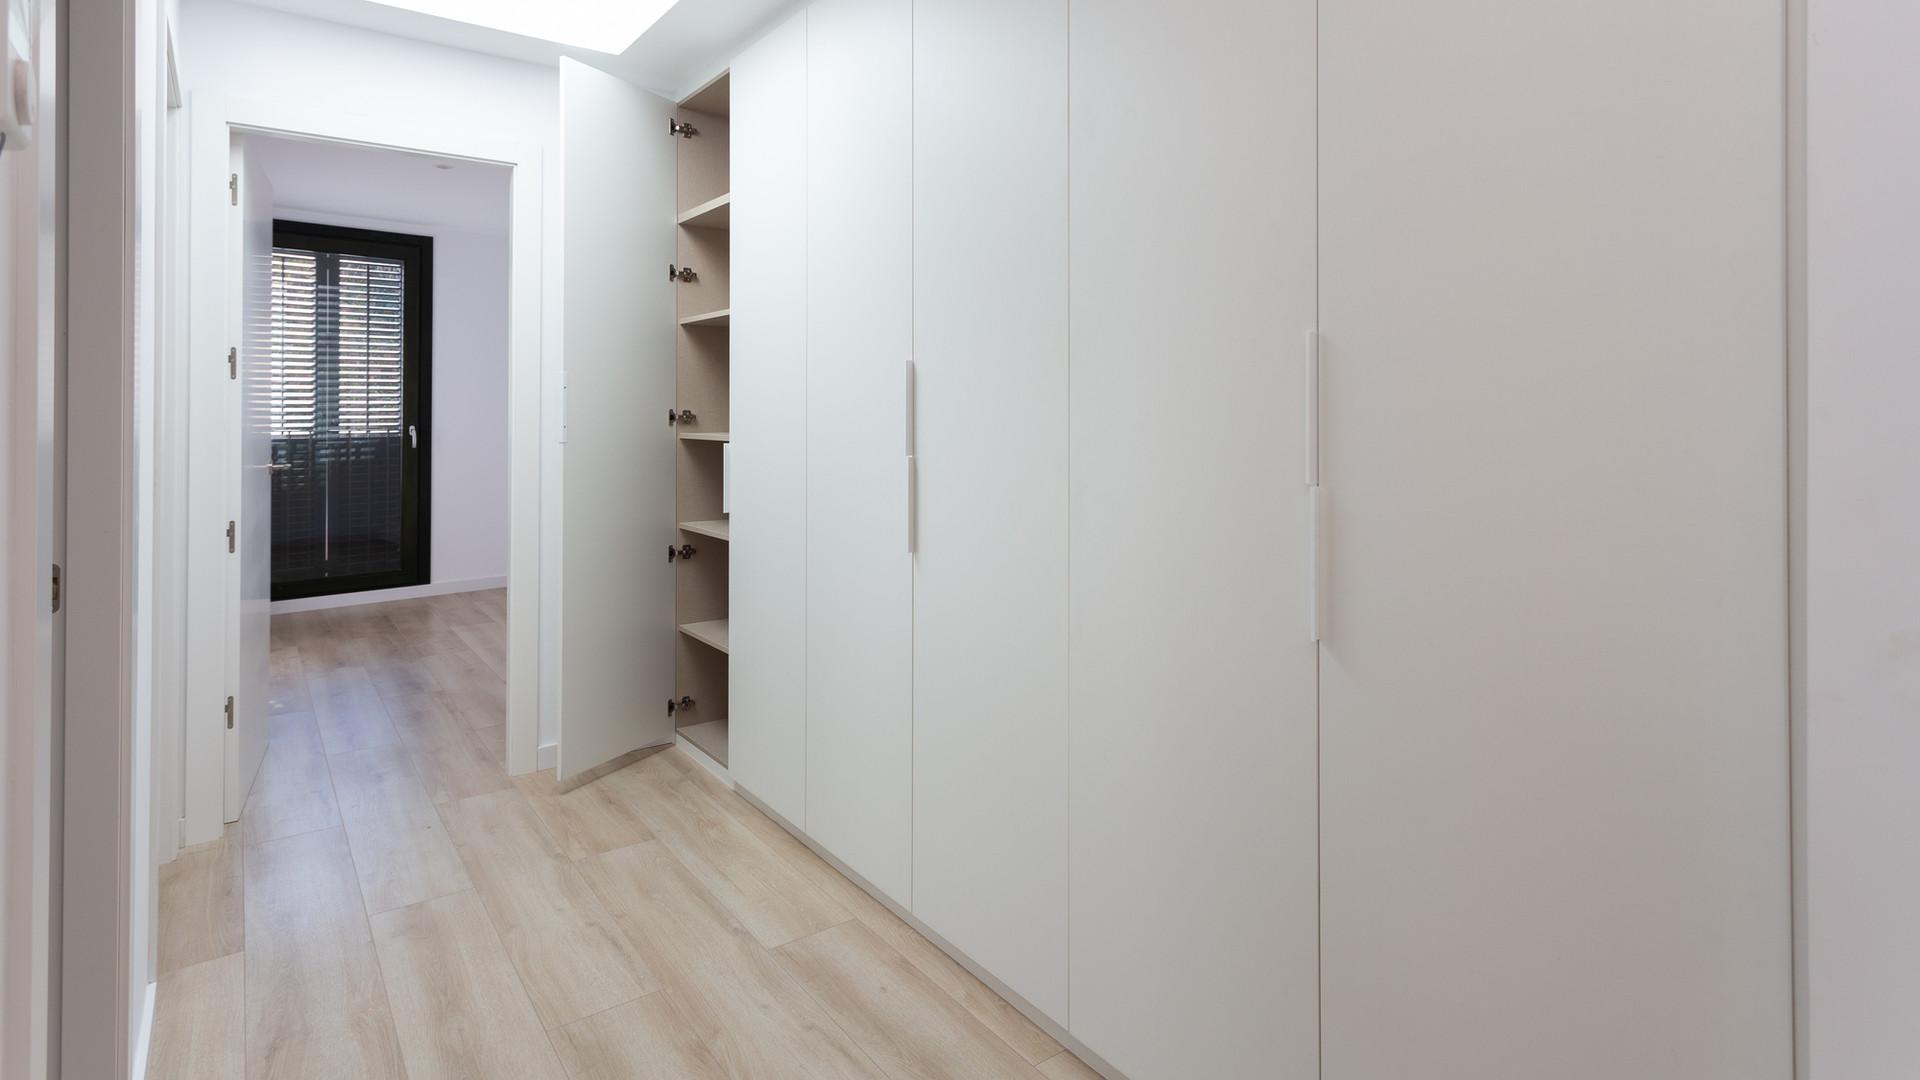 Шкафы в детской / Closets for children